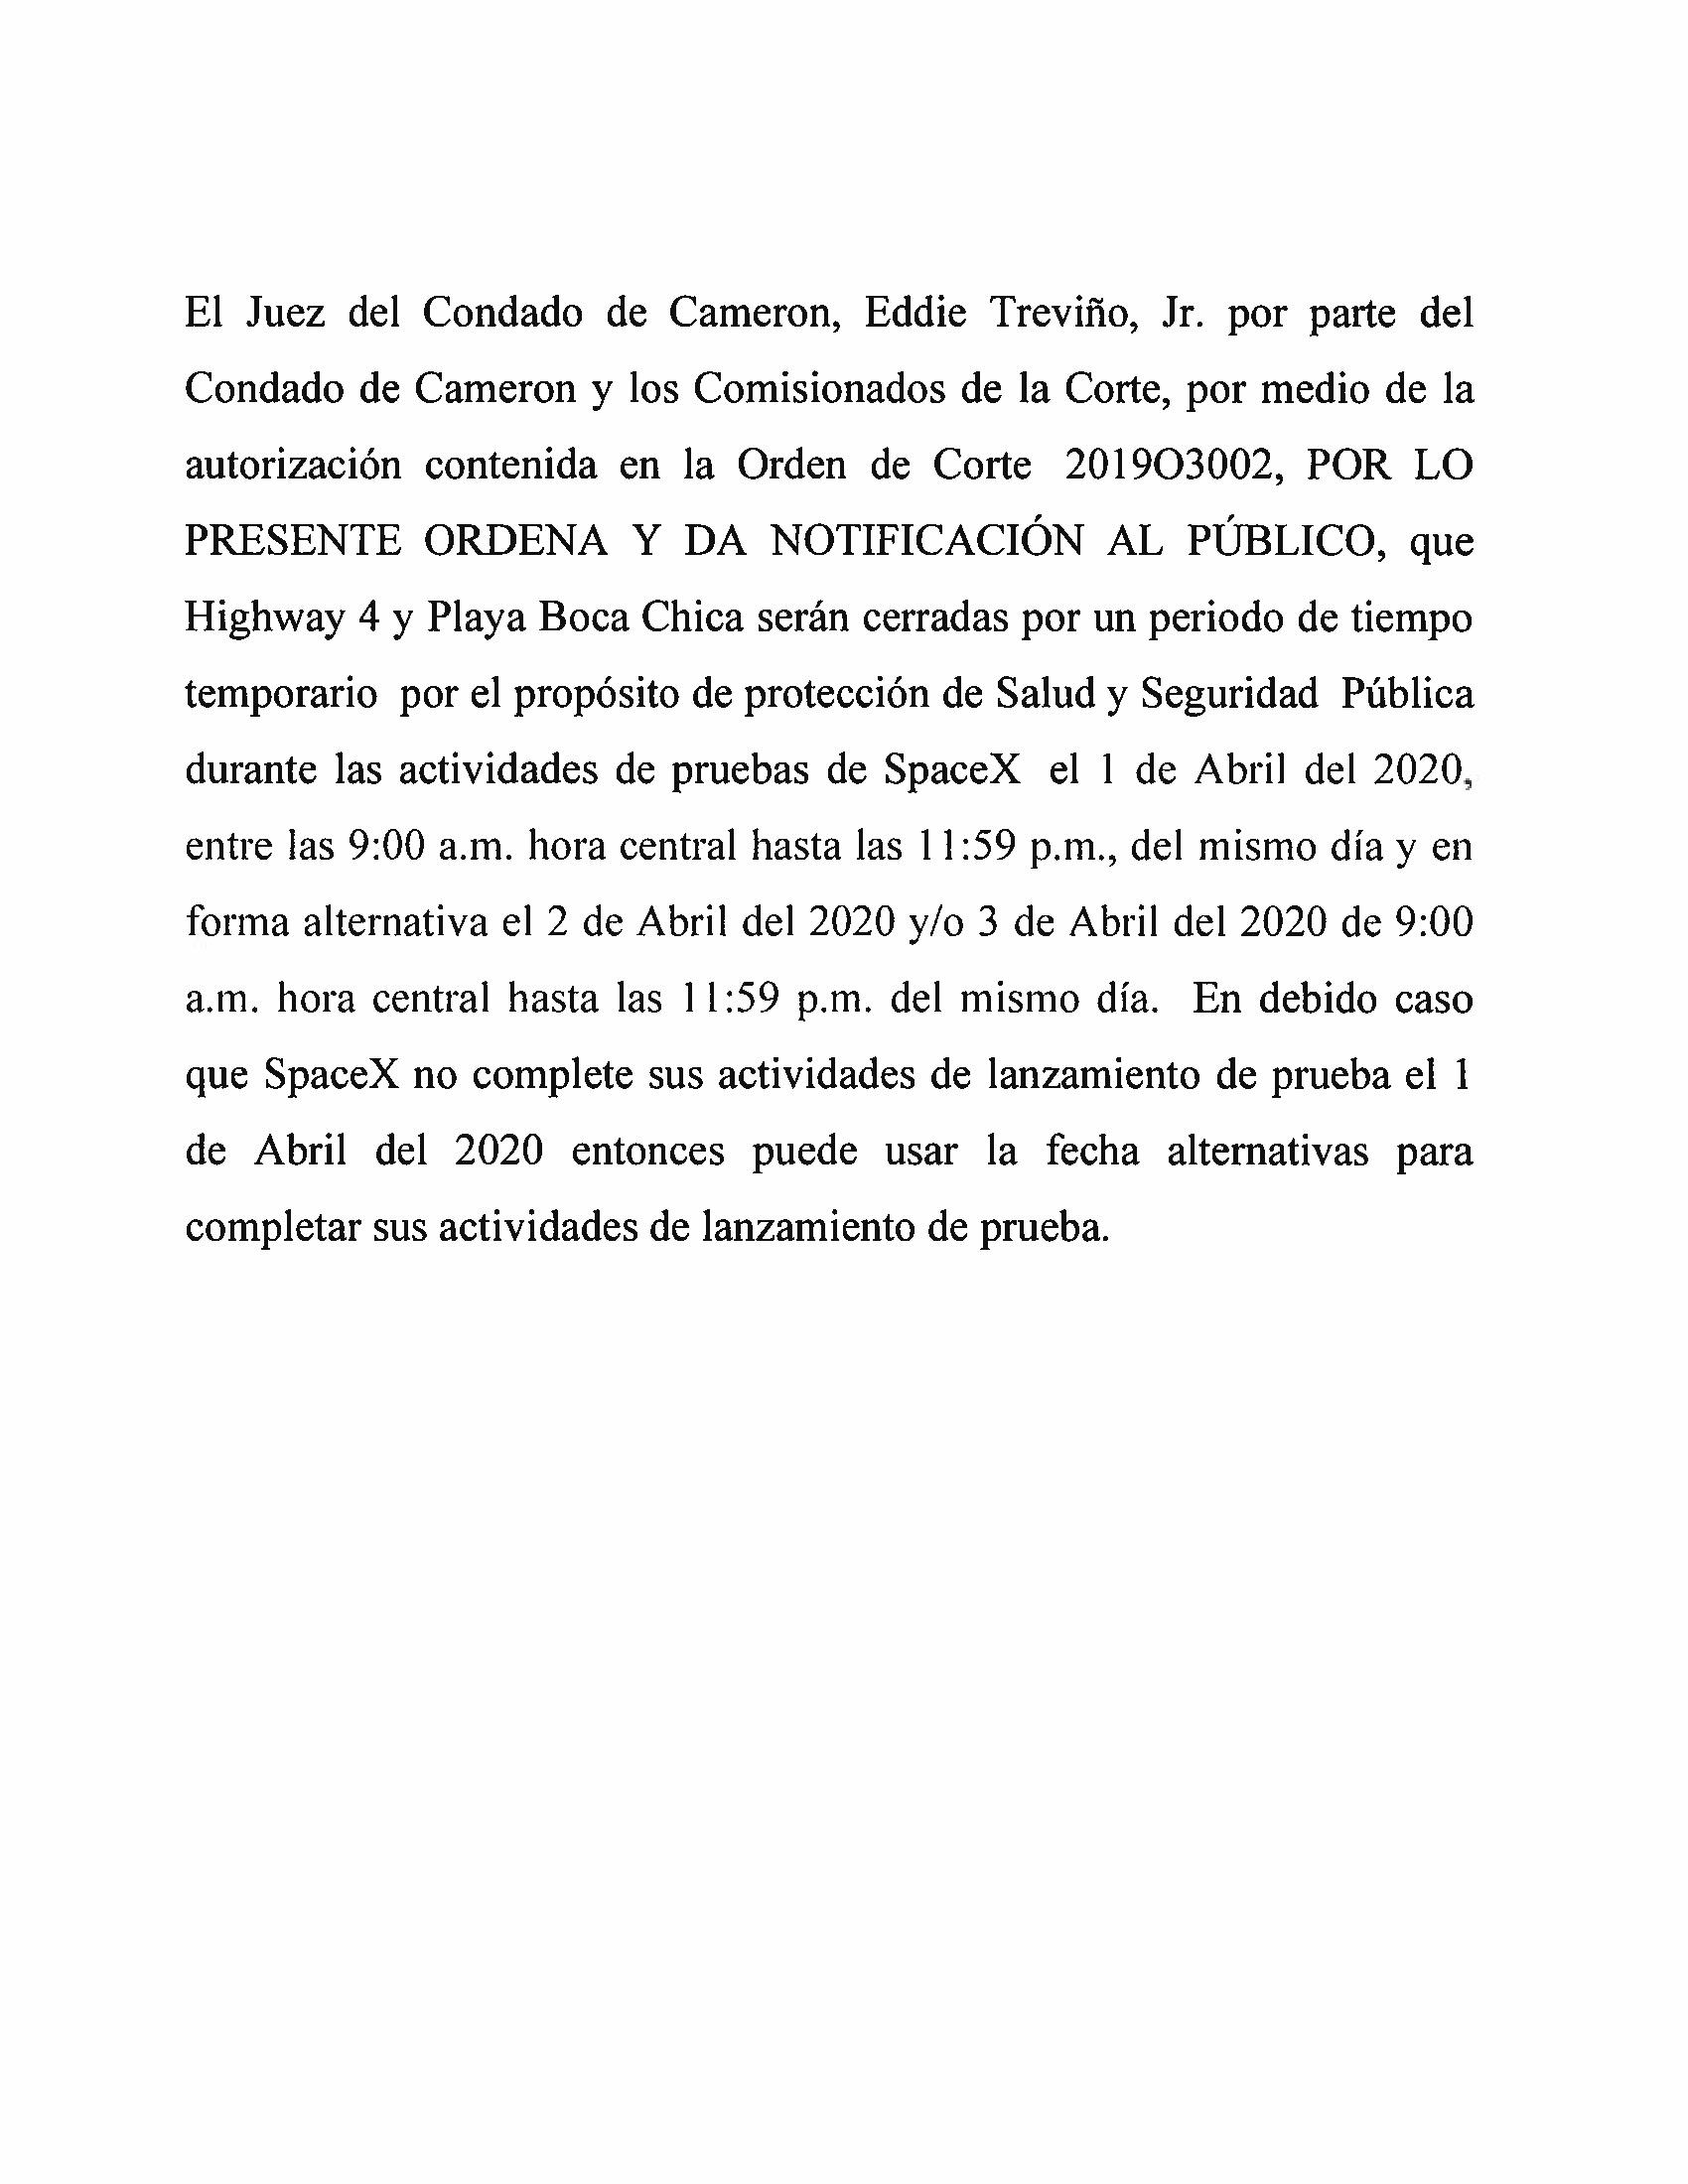 Order In Spanish 04.01.20.